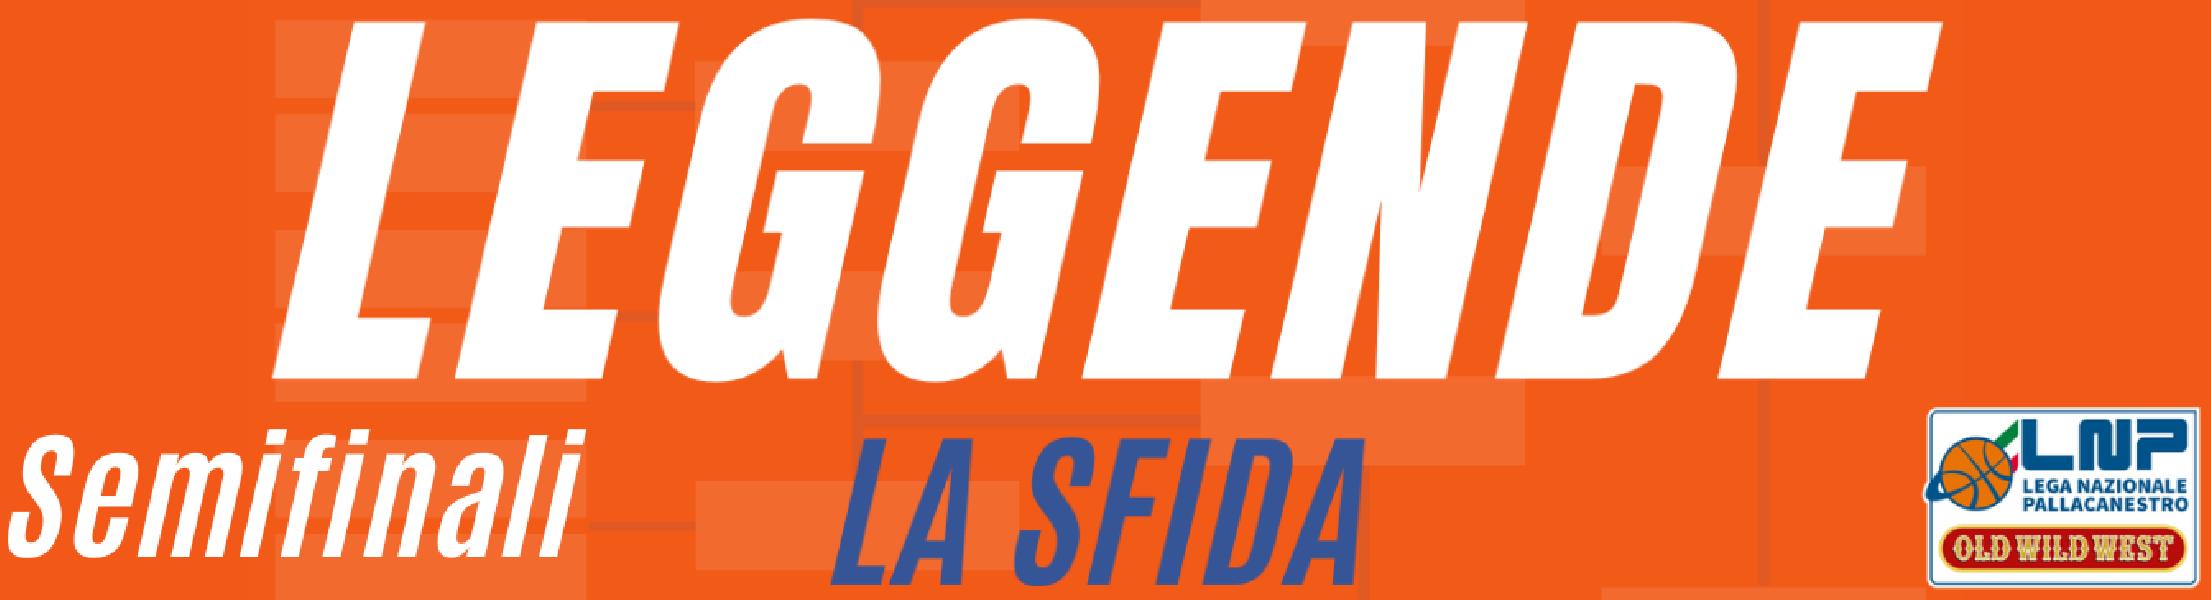 https://www.basketmarche.it/immagini_articoli/18-05-2020/basile-mannella-corvo-griffin-semifinali-contest-leggende-600.png